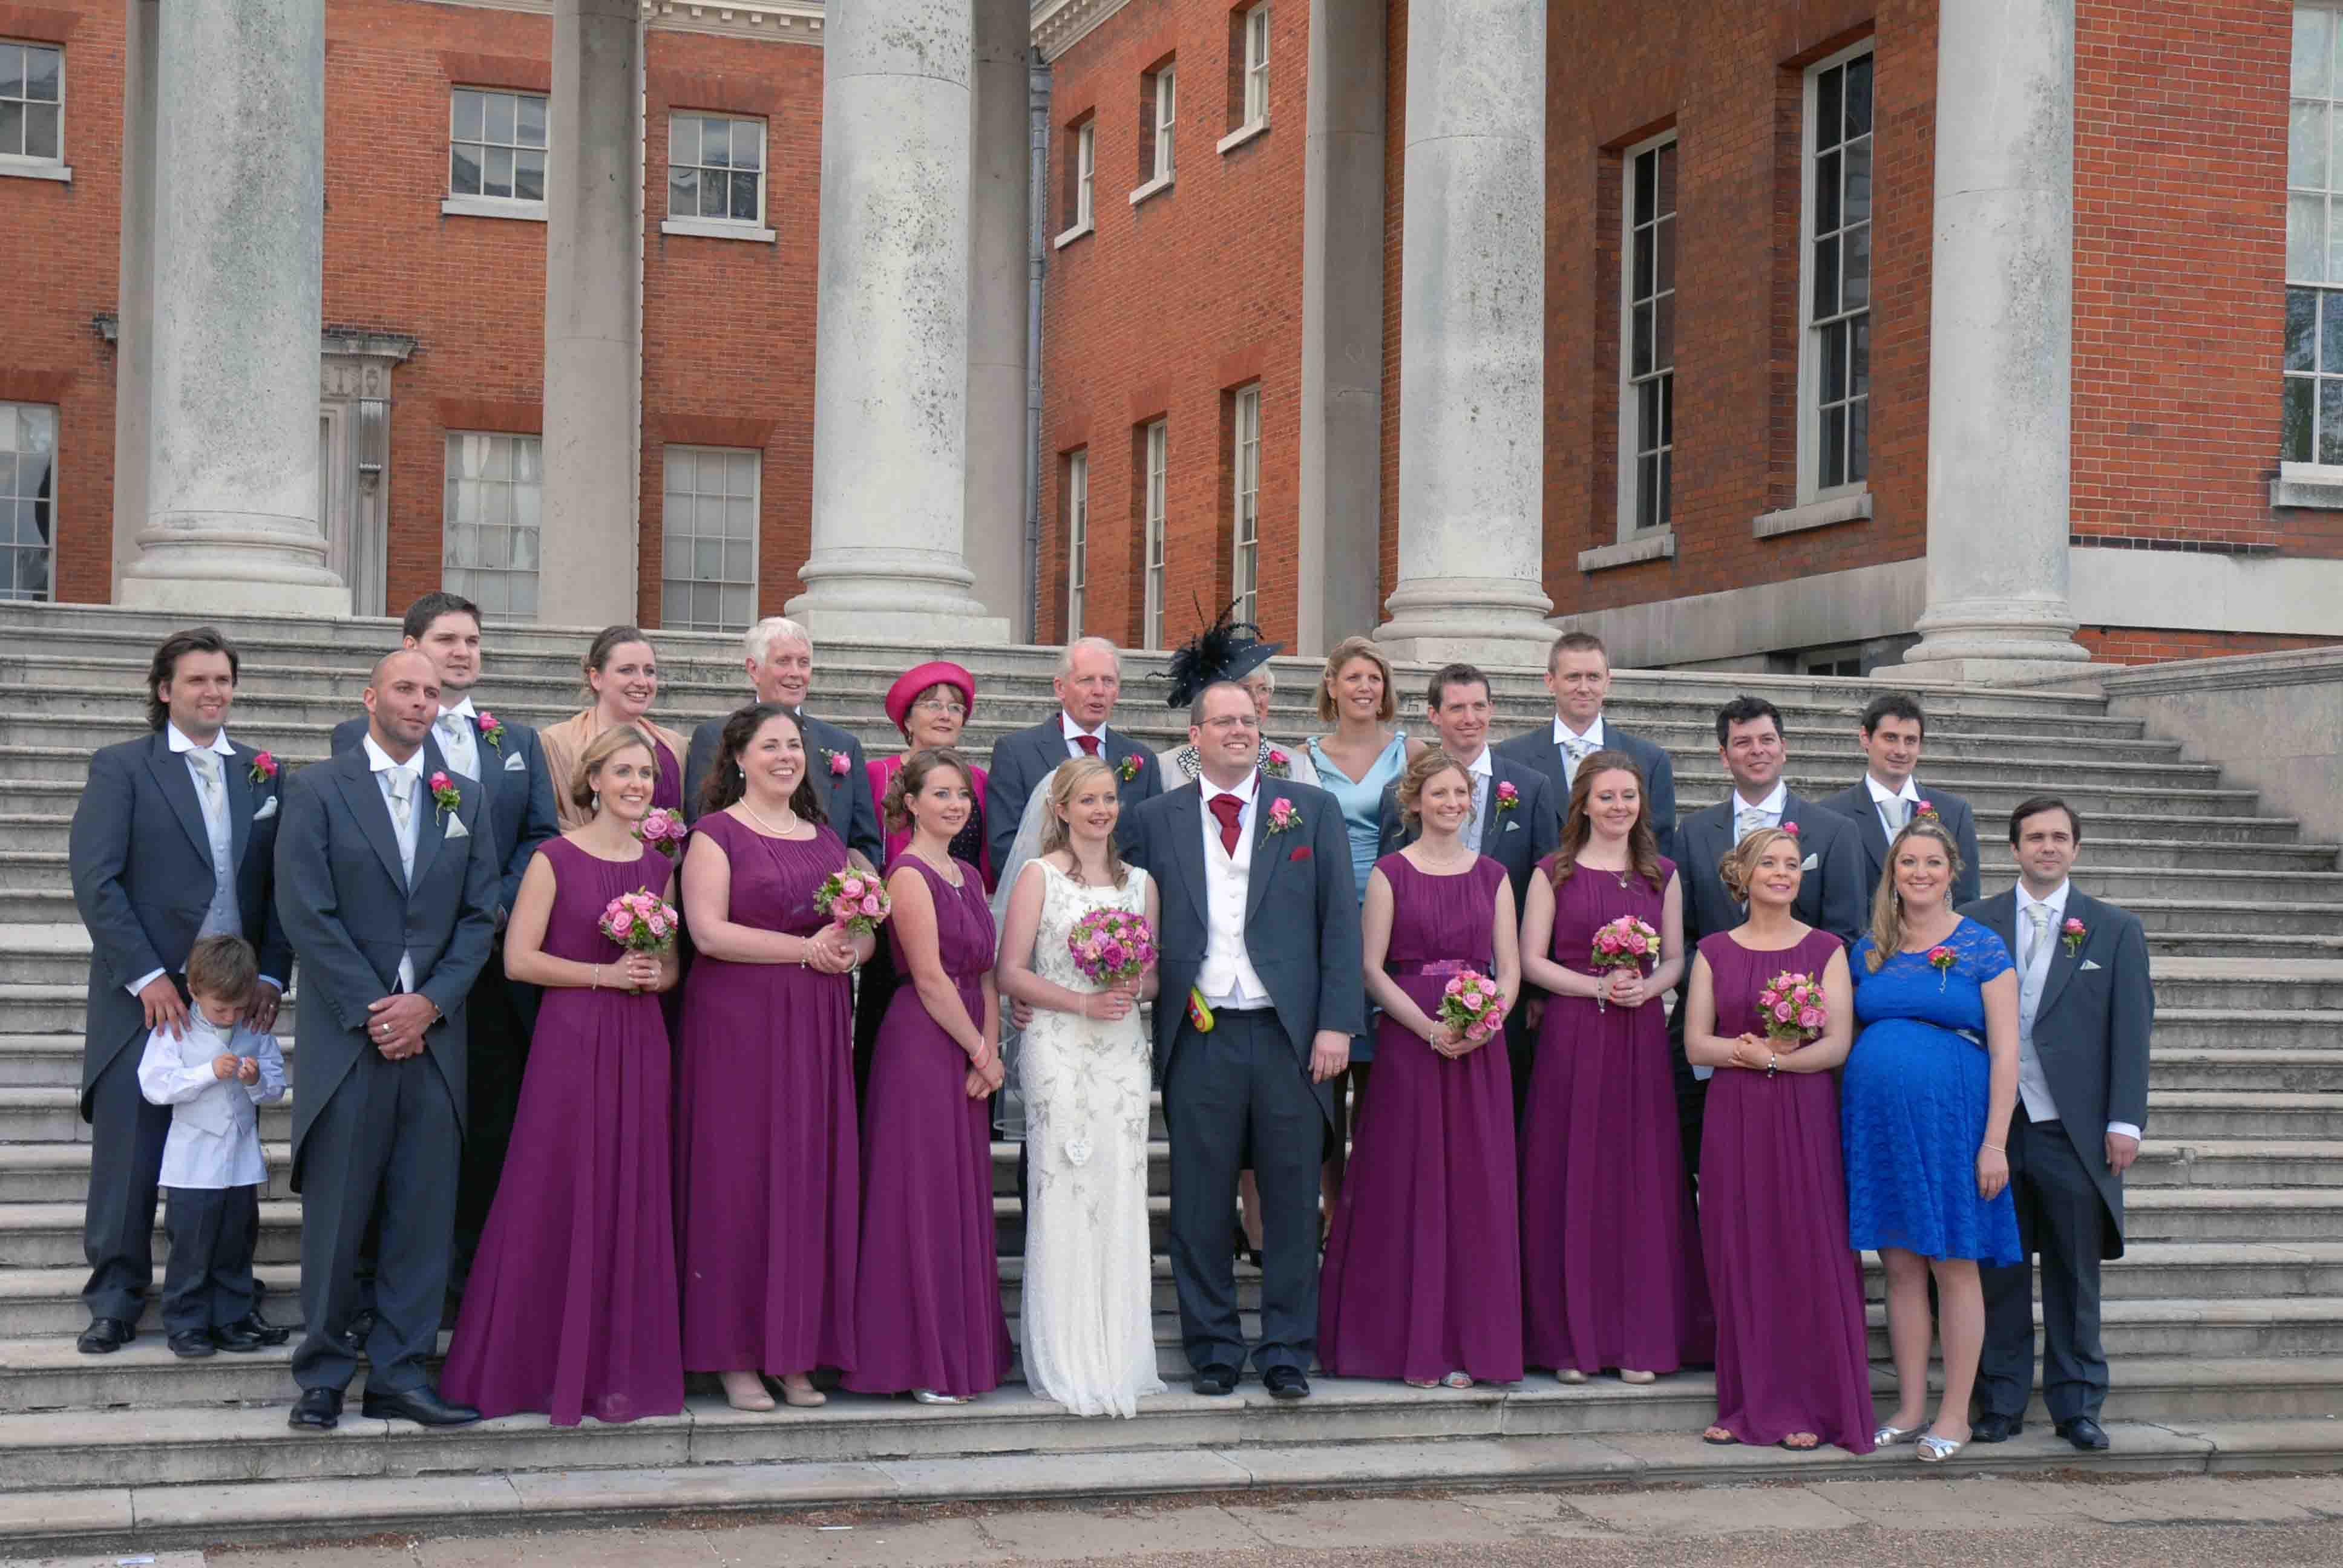 O'Brien Wedding066